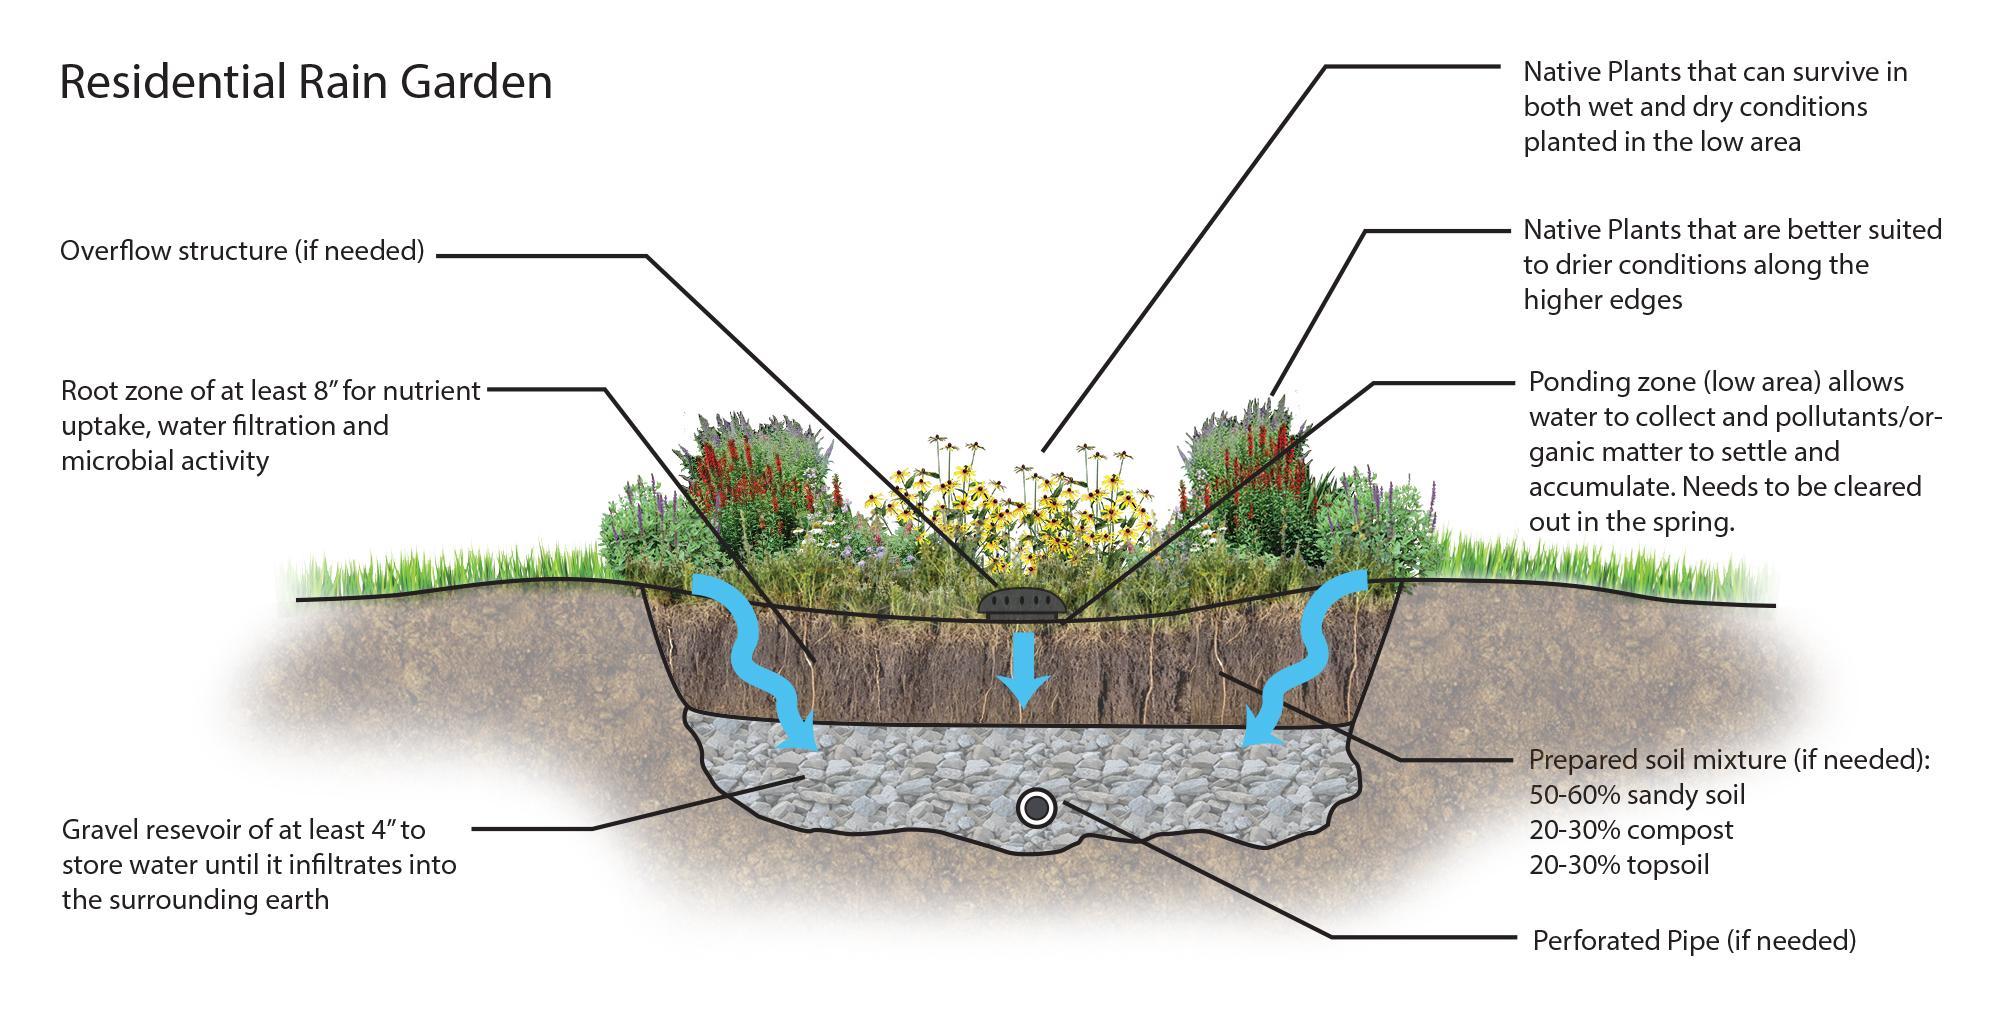 rain garden diagram psd